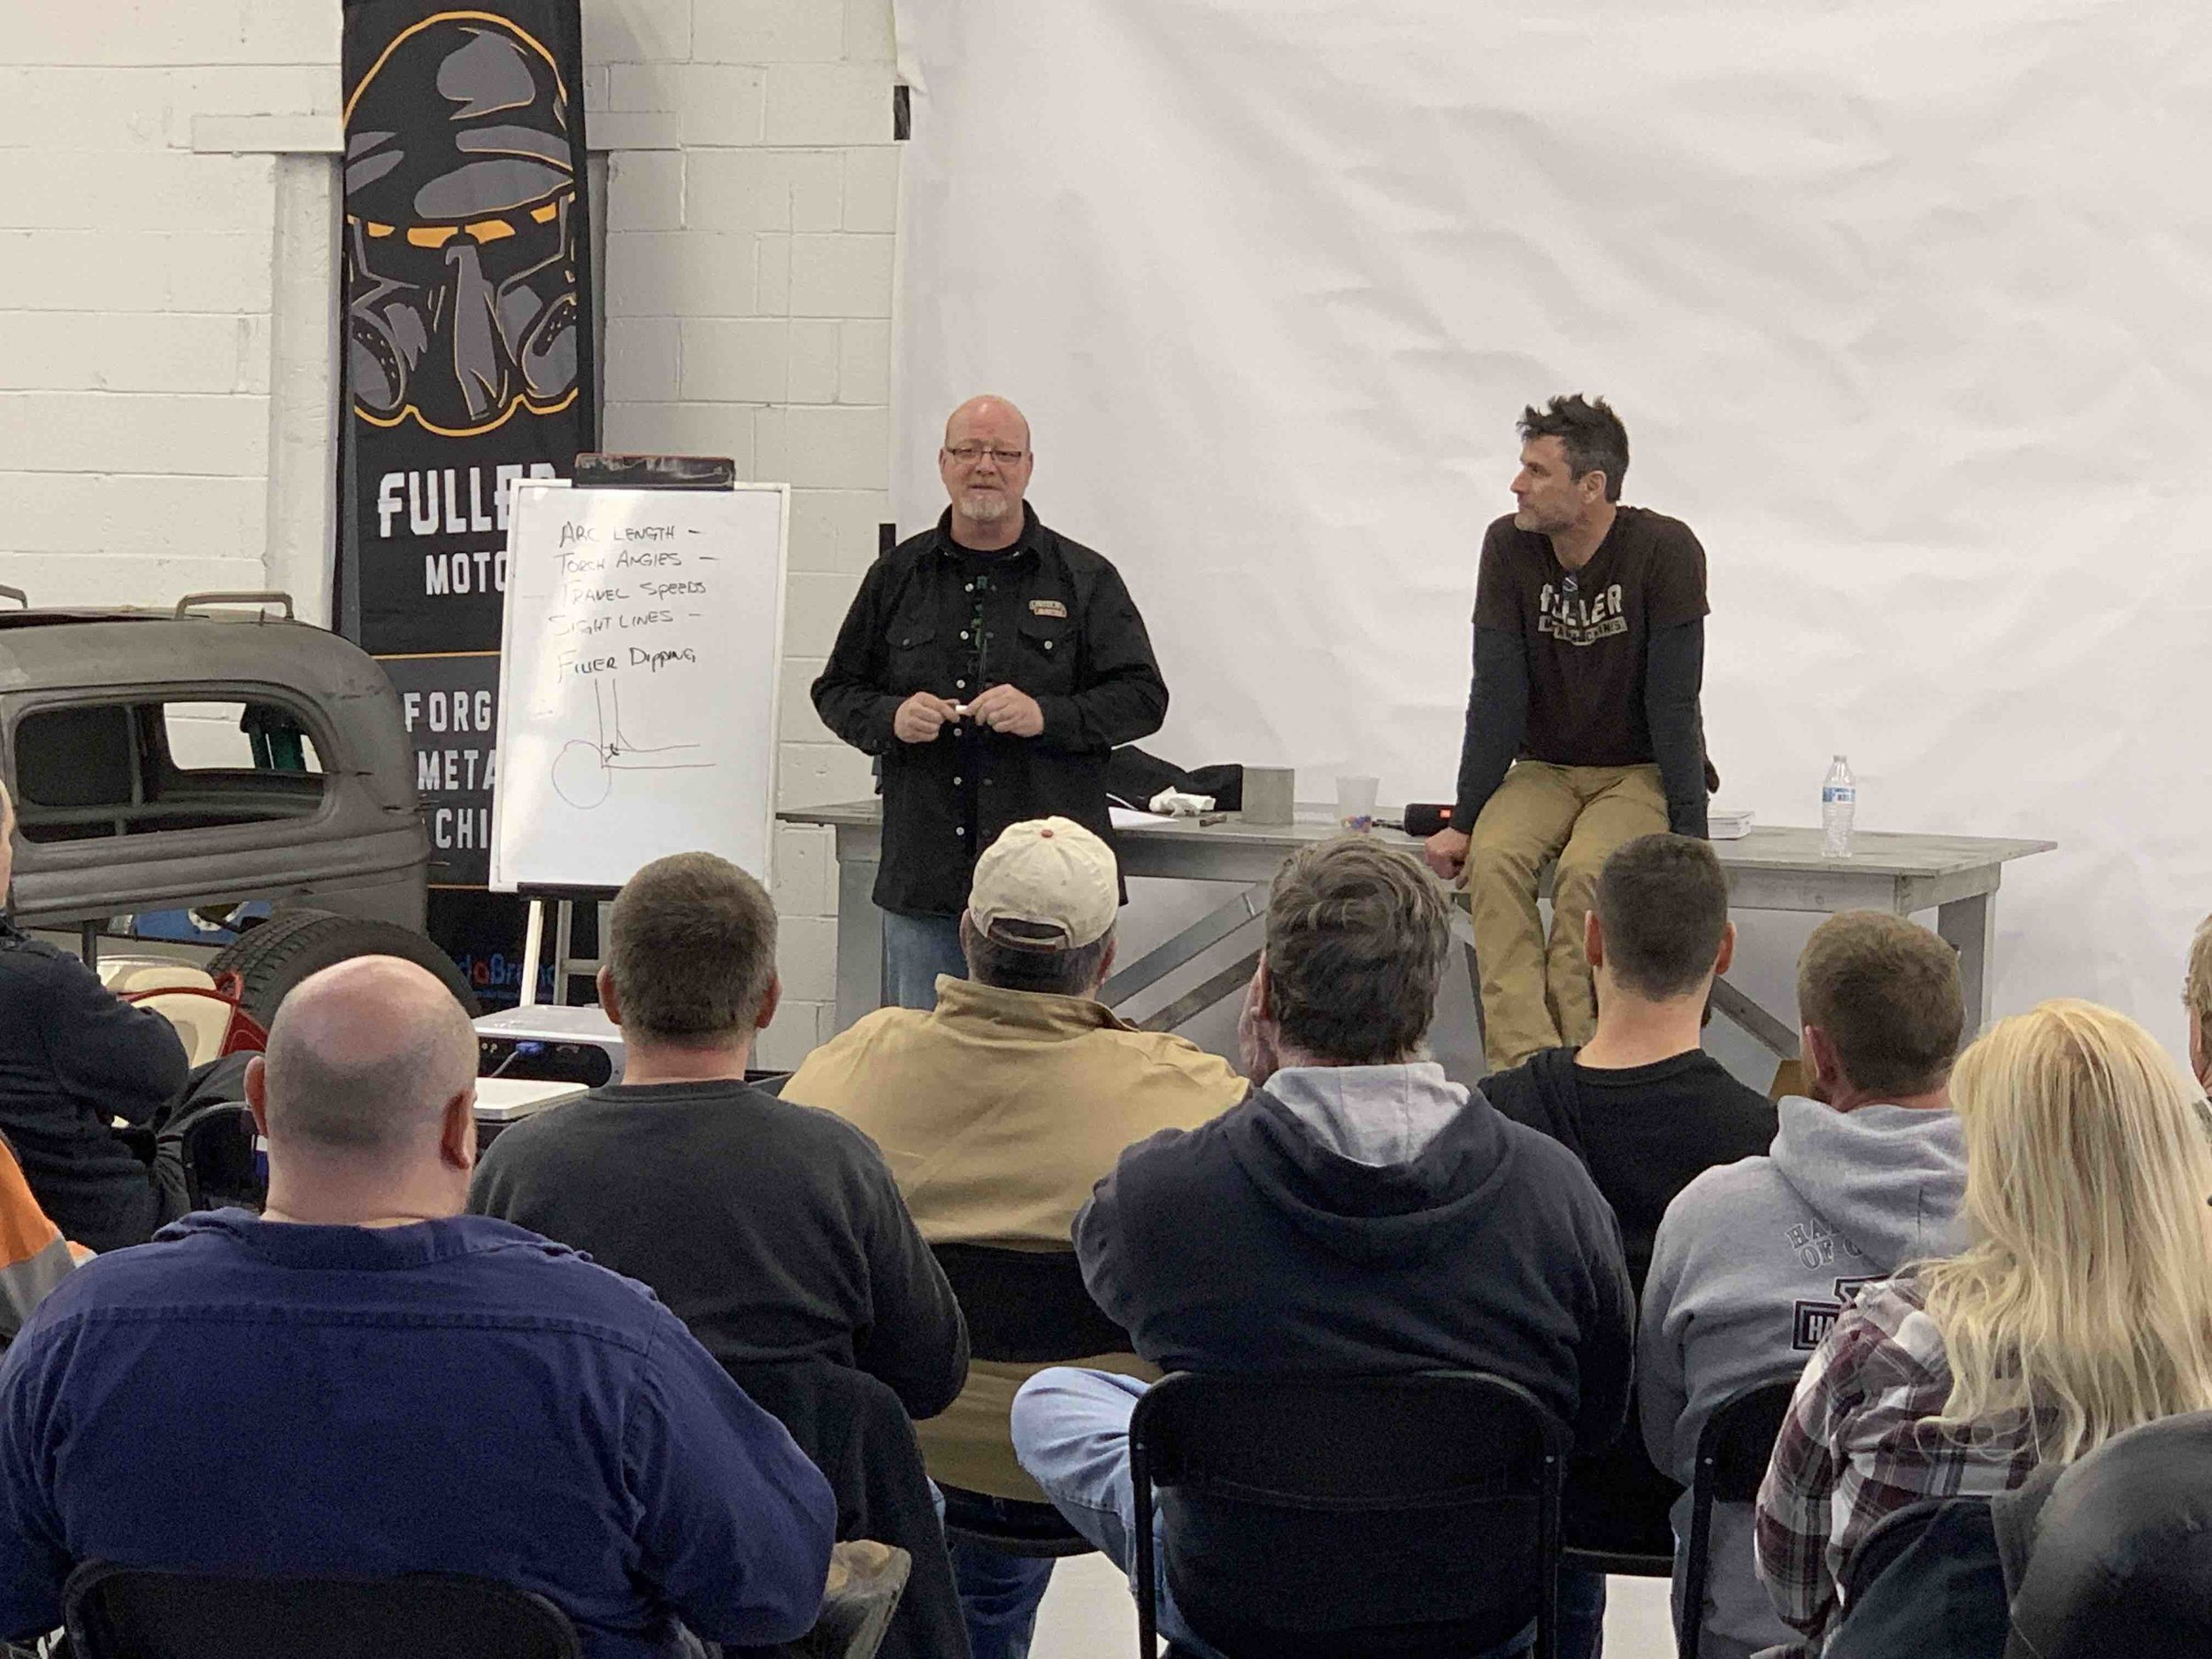 Fuller-Moto-Welding-Workshop-Jan2019-2.jpg